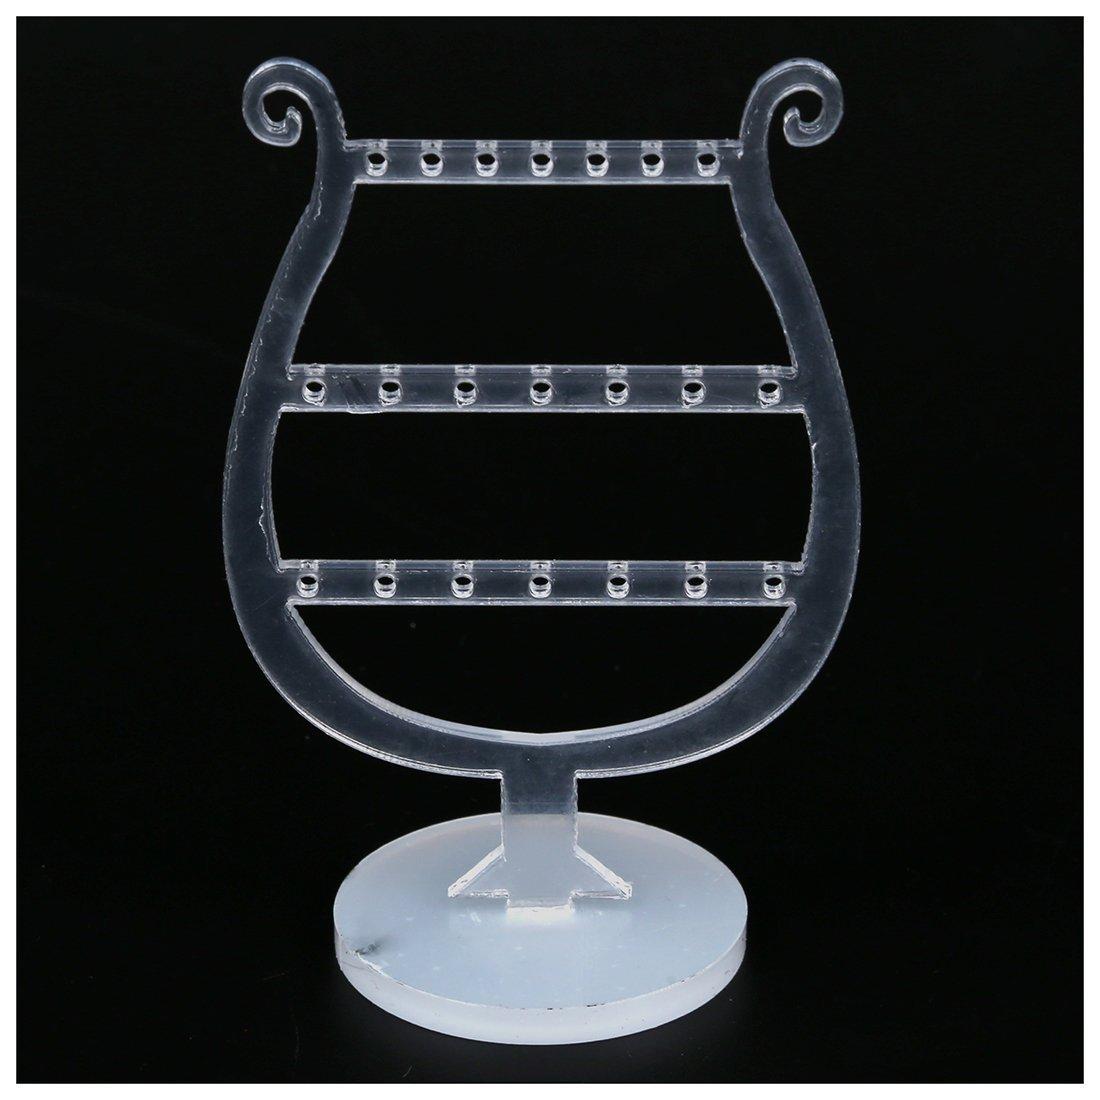 SODIAL R Cristal Acrylique Boucles doreilles Clous doreilles Bijoux Support Presentoir Ensemble 5.1+4.3+3.5